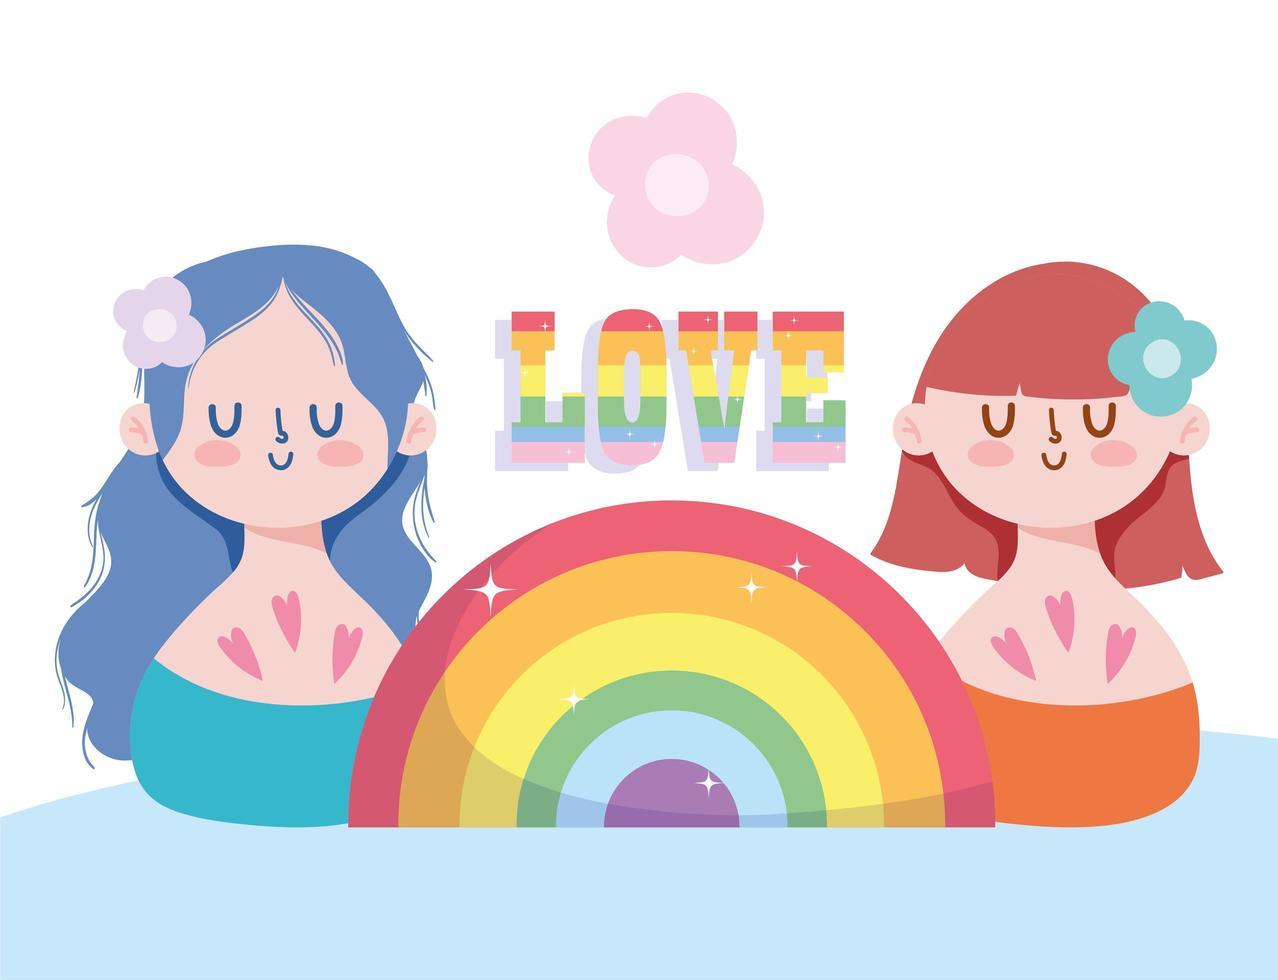 flickor tecknat med lgbti regnbåge vektor